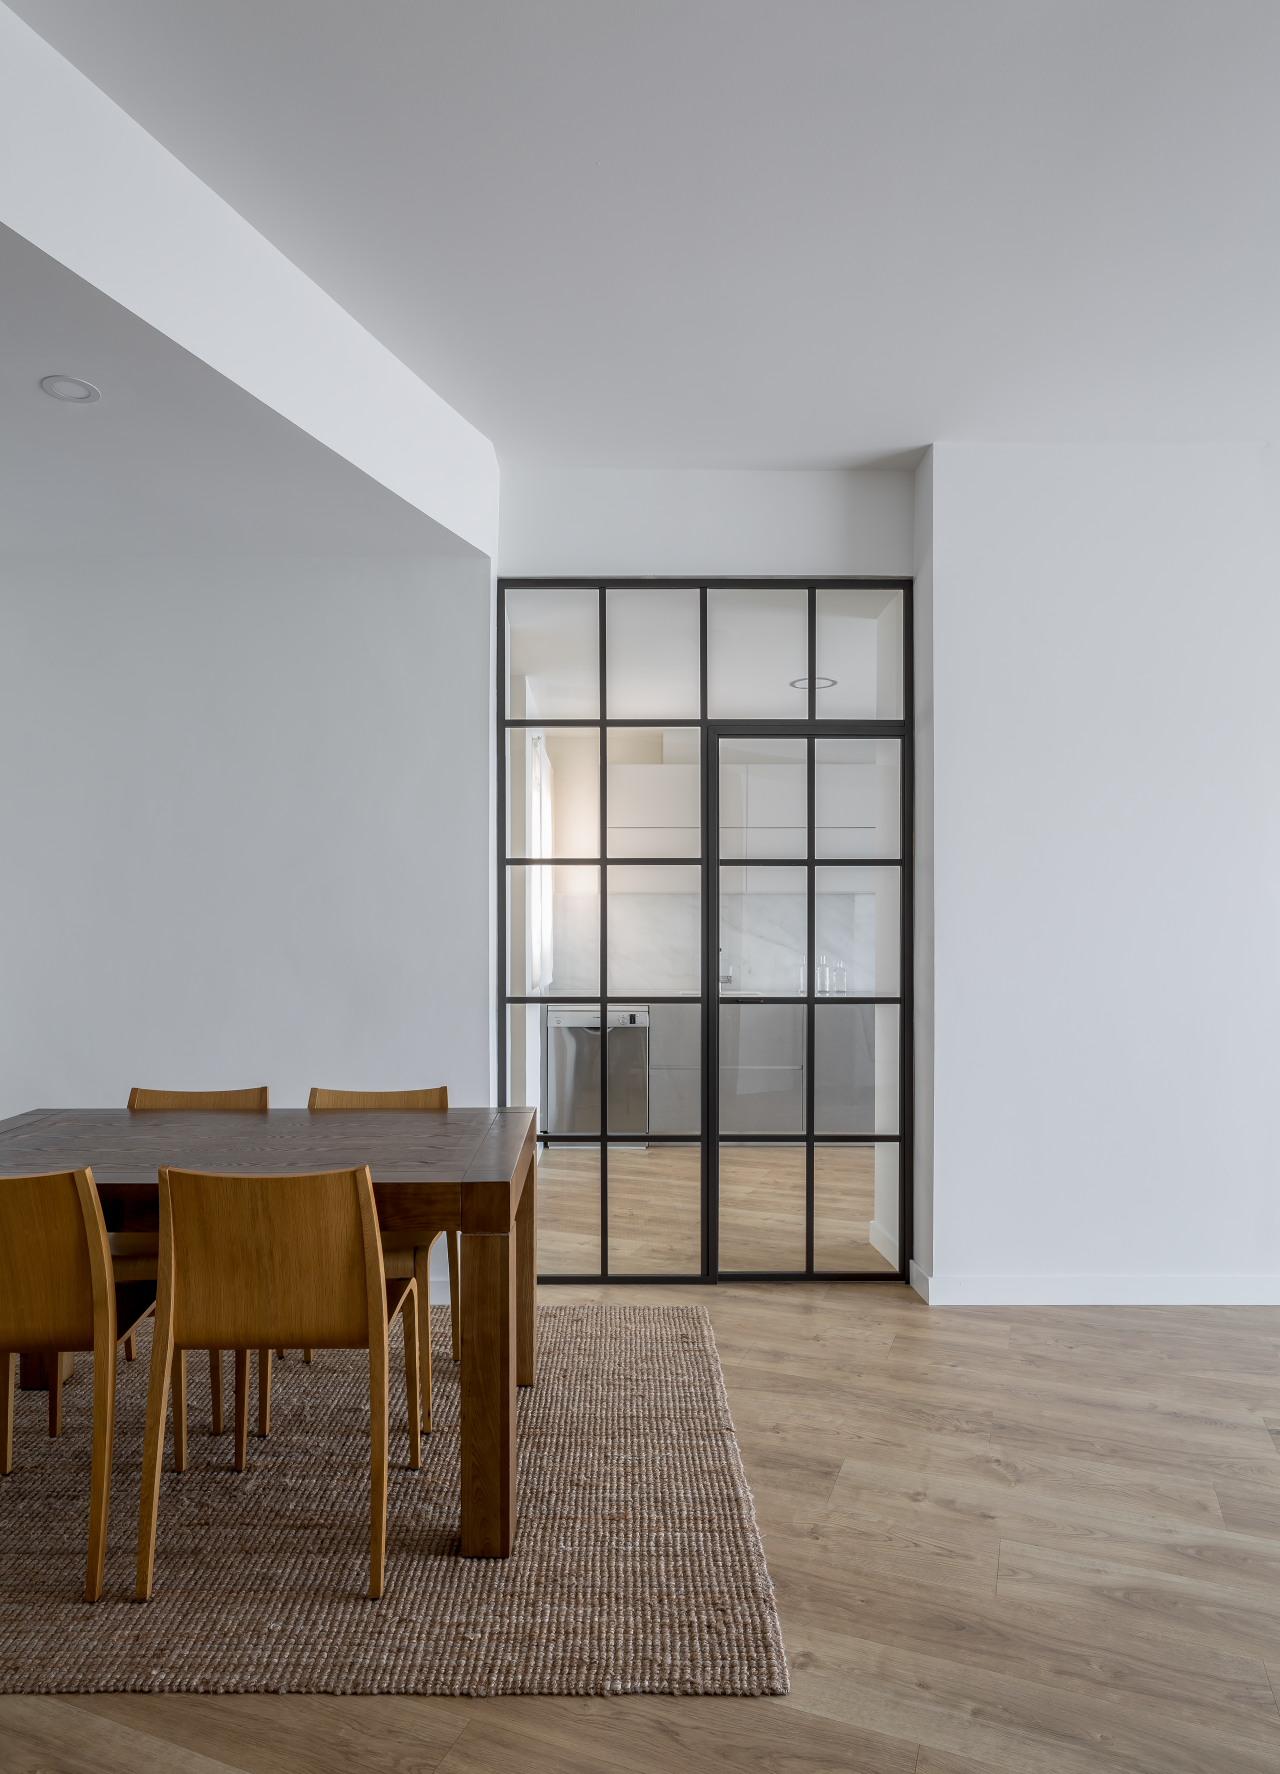 fotografia-arquitectura-valencia-german-cabo-mariola-torre-en-conill (4)